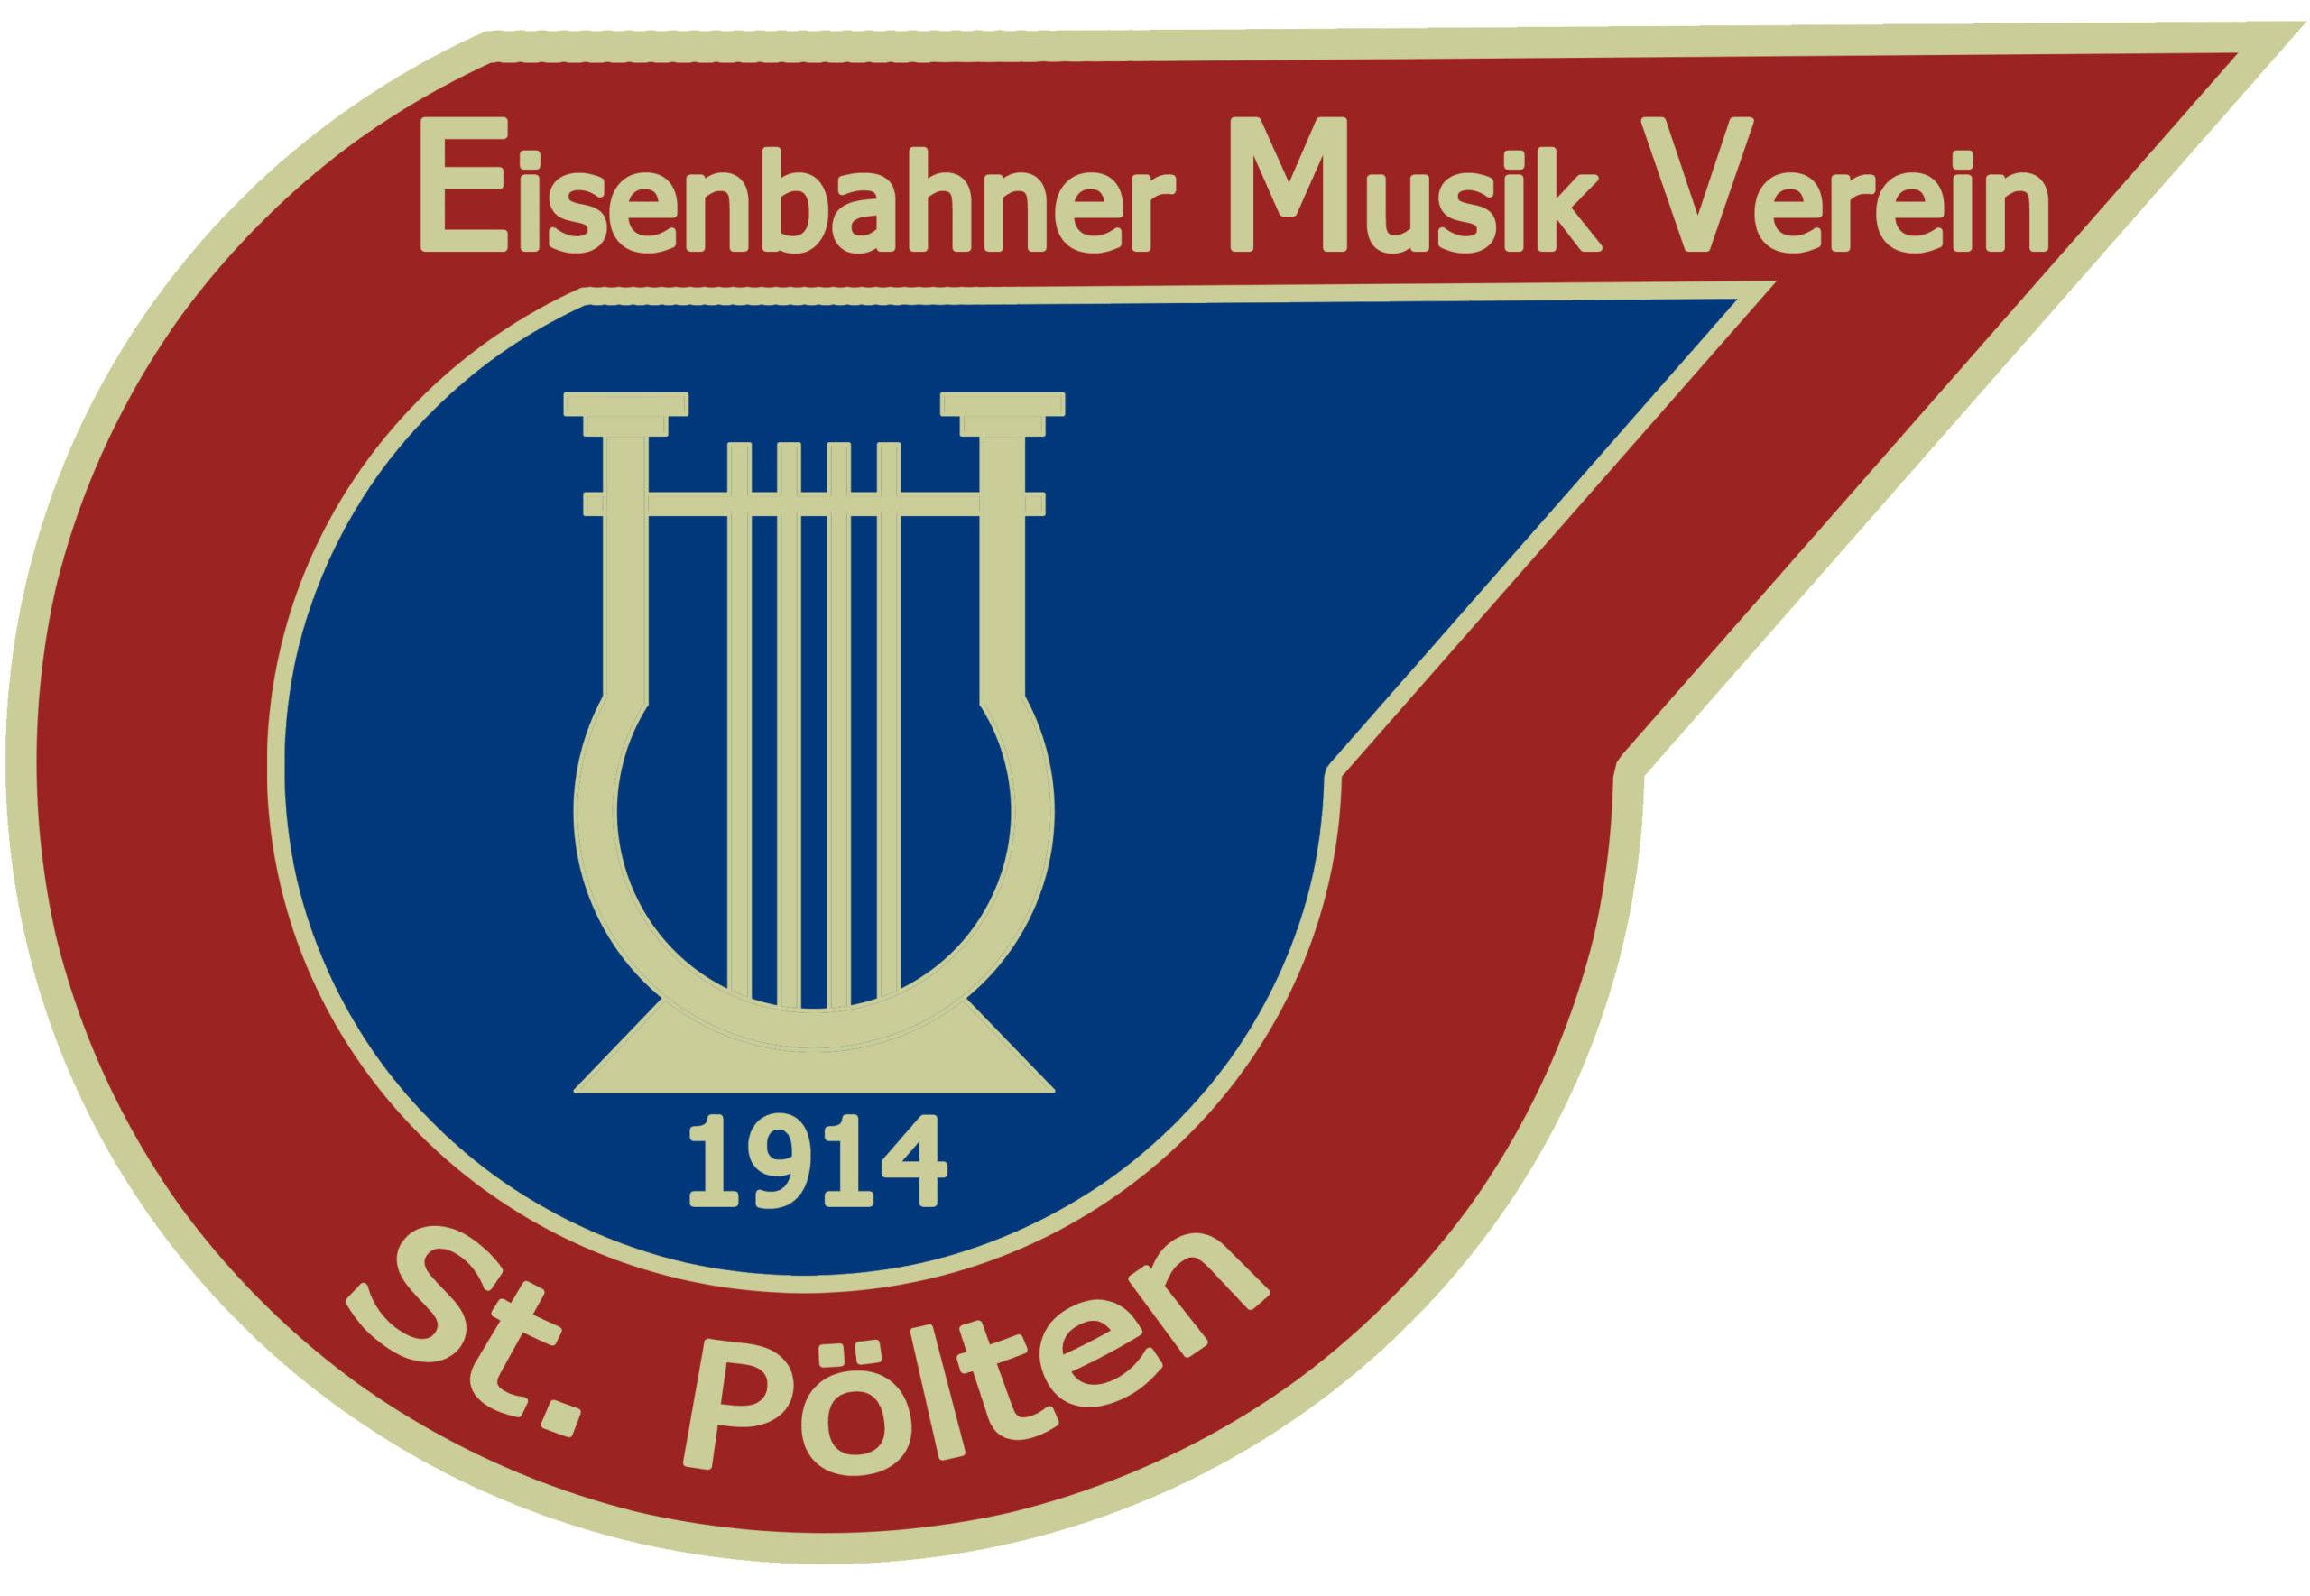 Eisenbahner Musik Verein St. Pölten